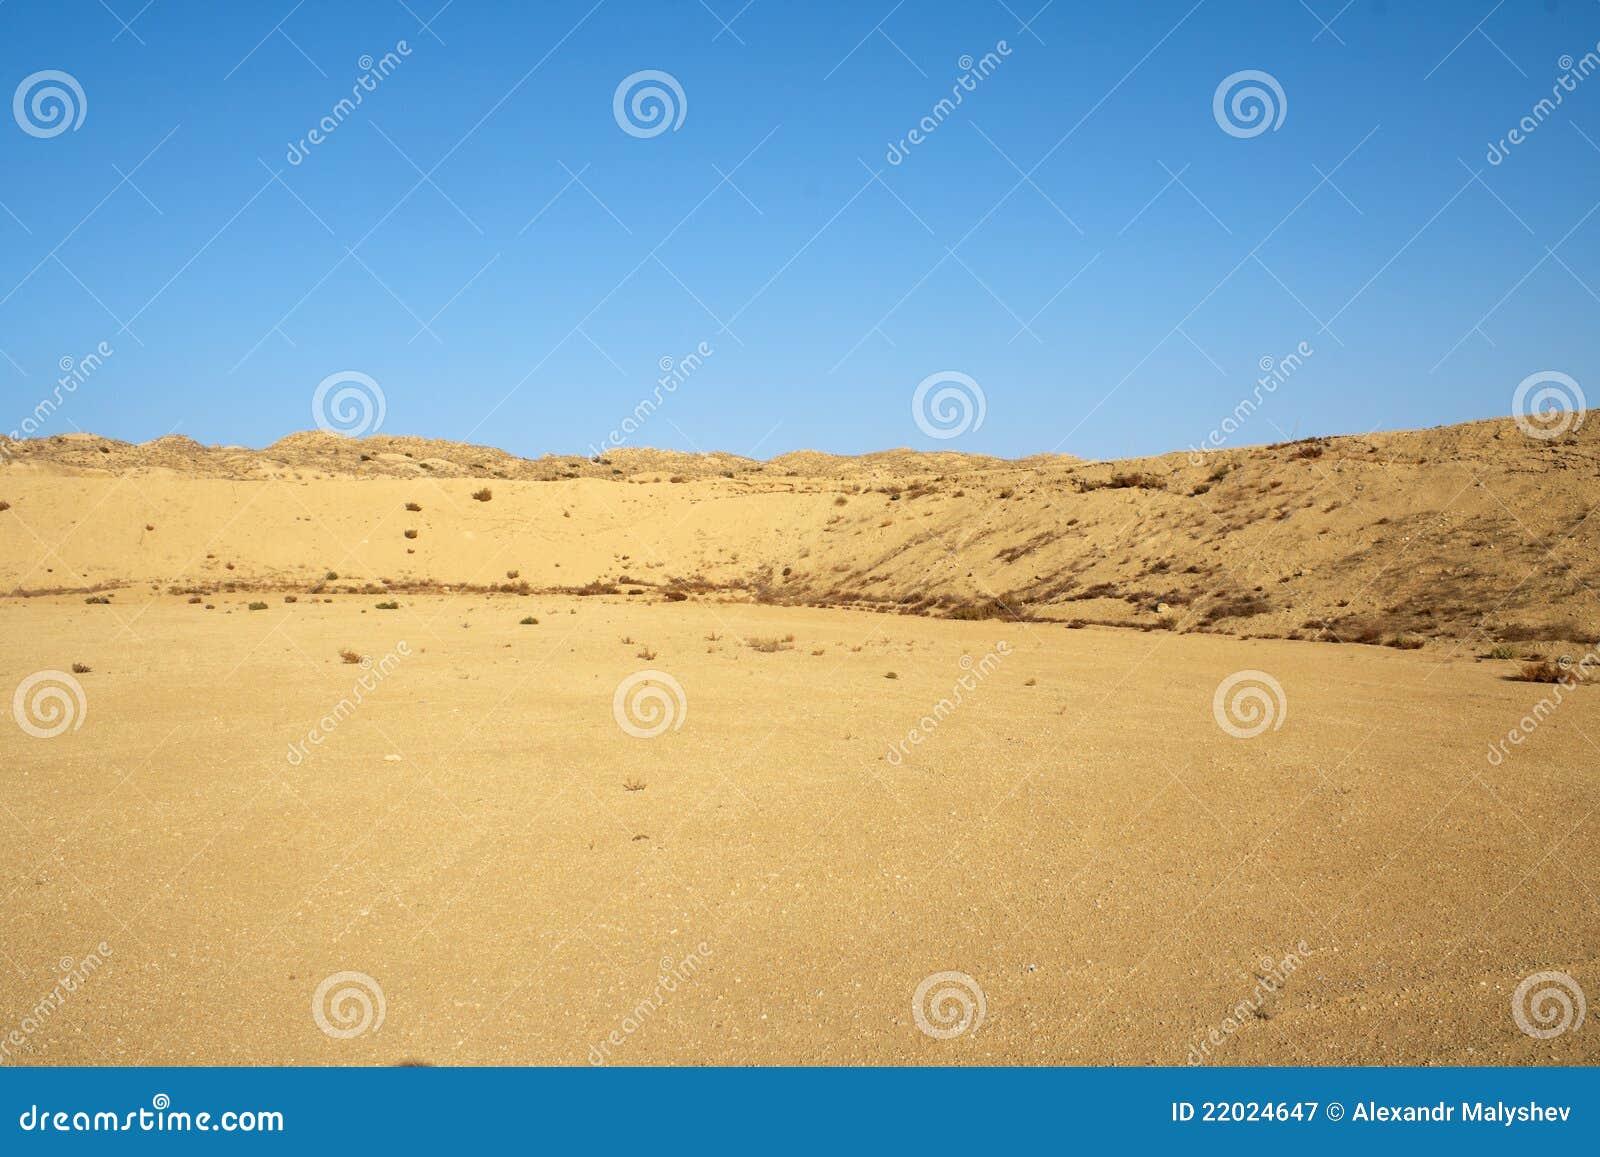 Hills in the desert.